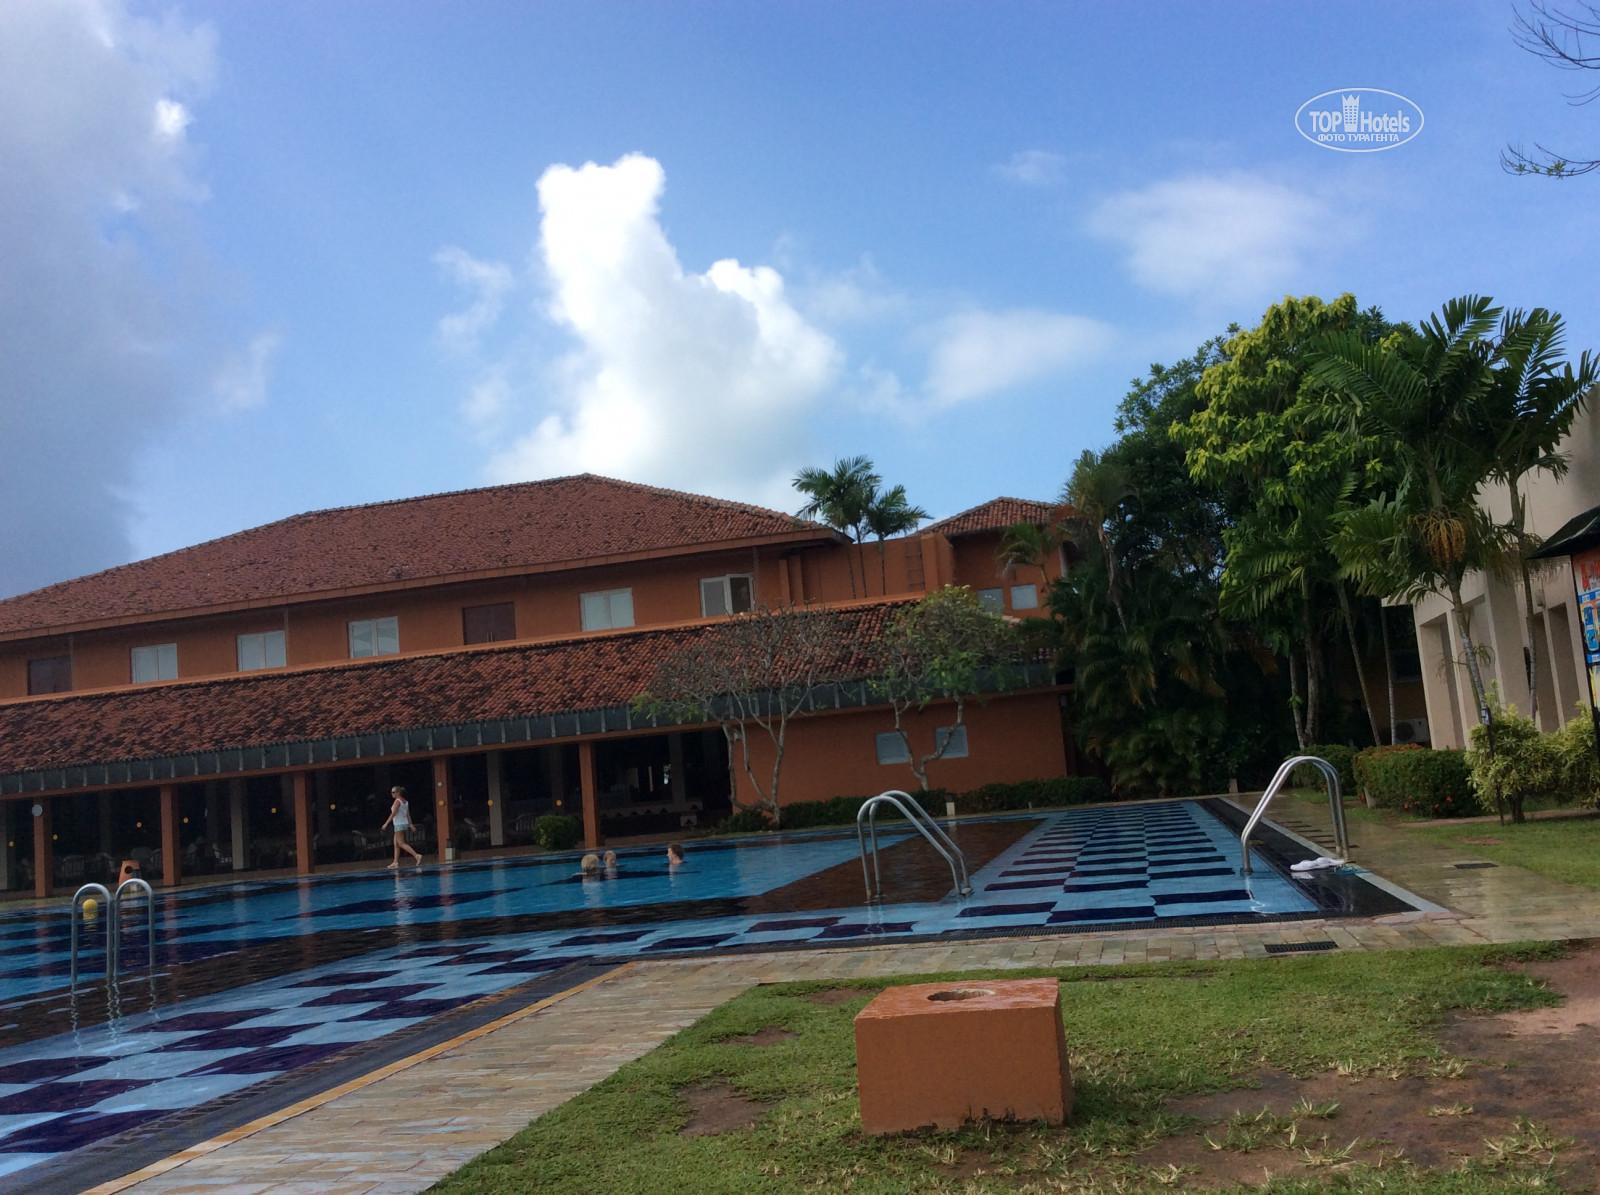 Club palm bay 4 туры ру